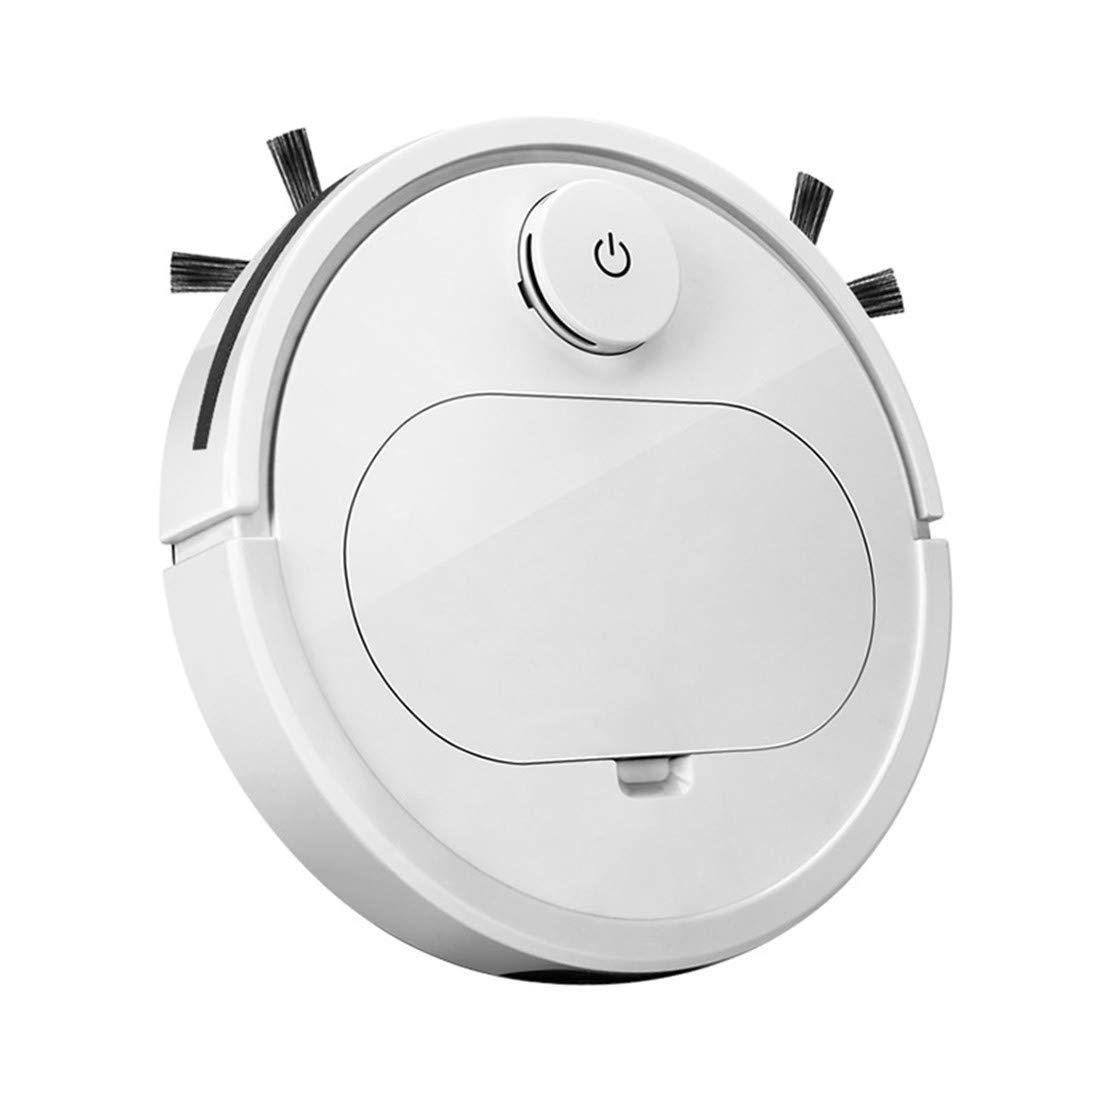 TAOXUE Robot Aspirador 2 En 1, Aspira Y Friega, con Sensores Anticaída, Bateria Ion-Litio De 120 Minutos De Autonomía, Especial para Pisos Duros Y La Limpieza De Pelos De Mascotas: Amazon.es: Jardín